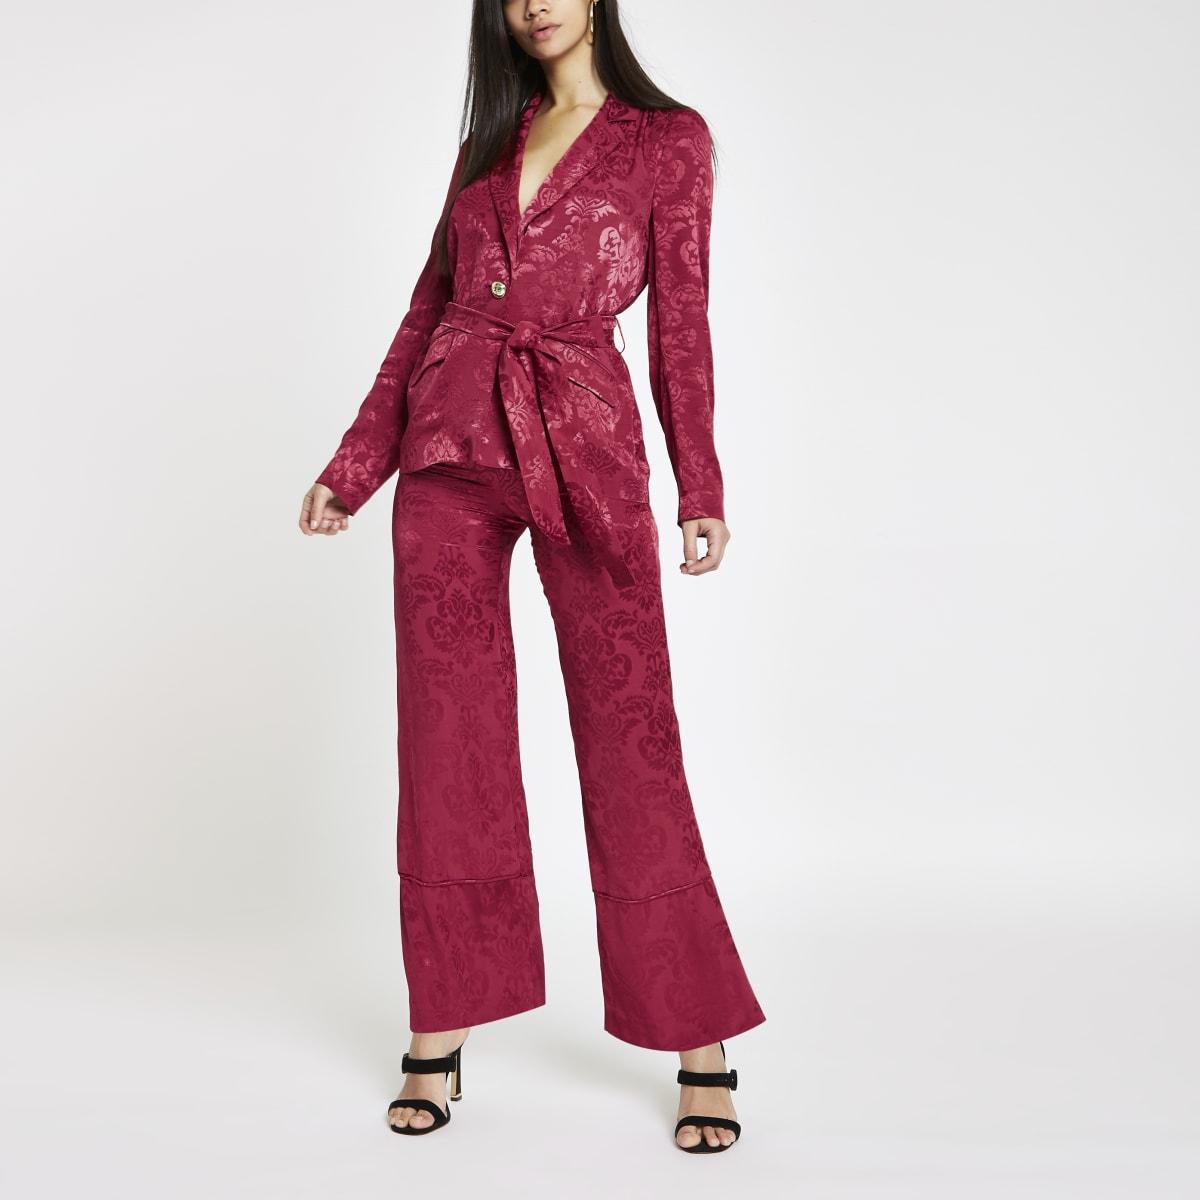 Roze jacquard broek met wijde pijpen